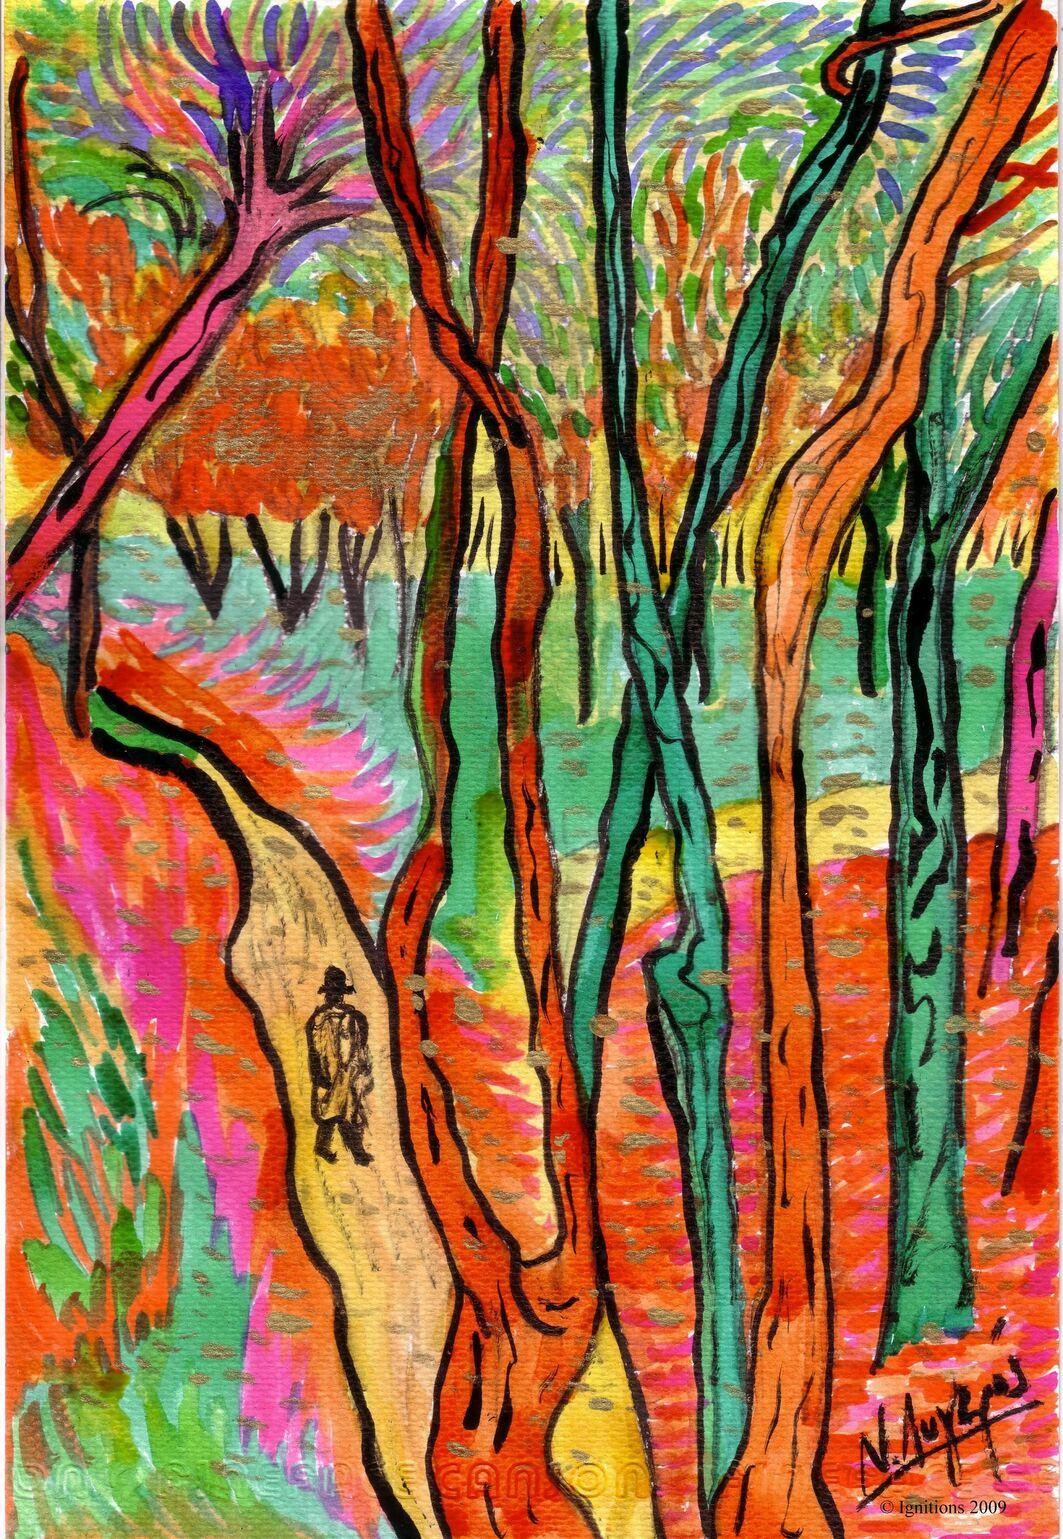 Promeneur de Vincent dans le parc : chute de feuilles.